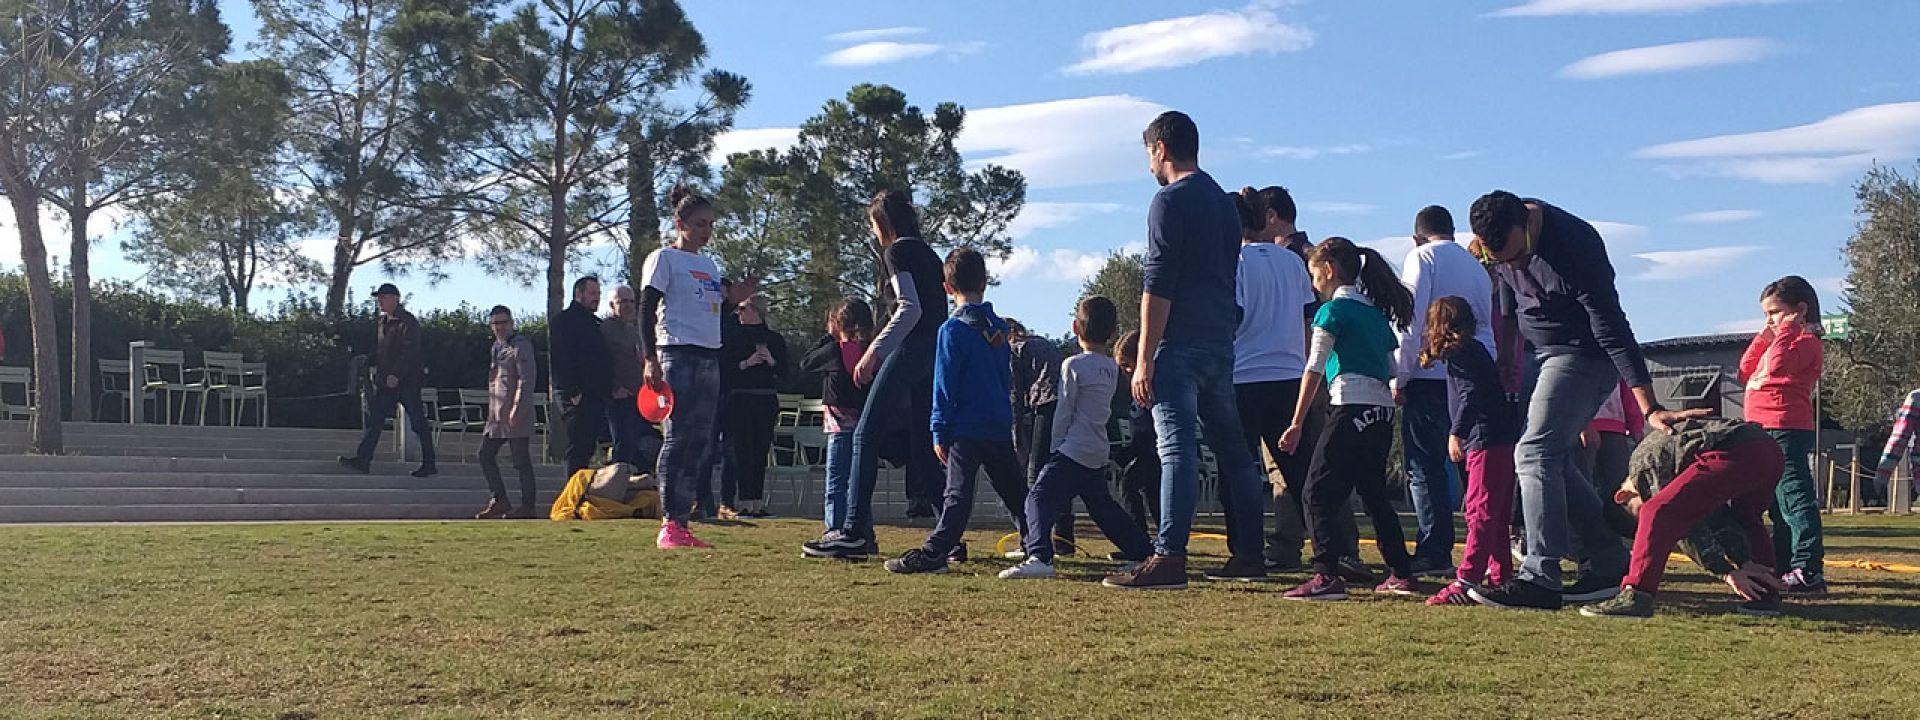 Φωτογραφία από γονείς και παιδιά που παίζουν μαζί στο Πάρκο Σταύρος Νιάρχος